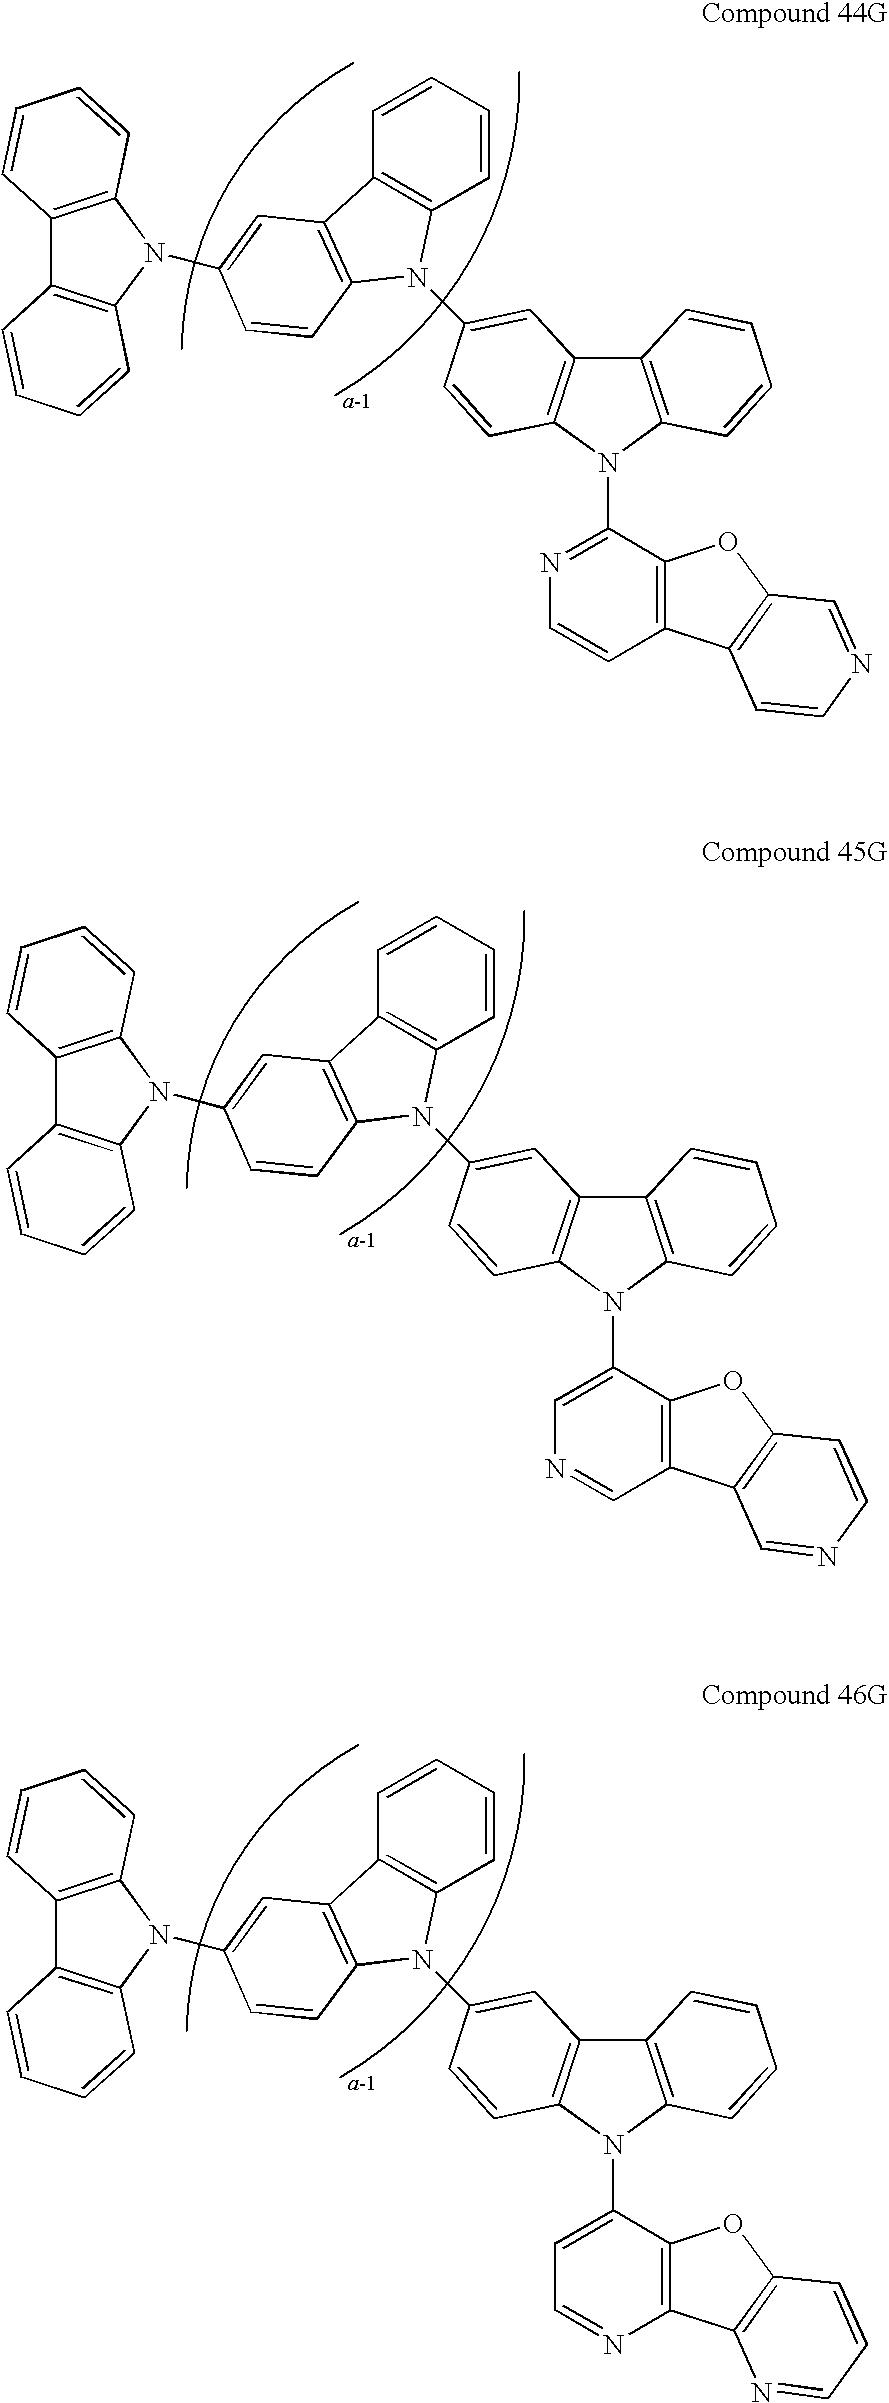 Figure US20090134784A1-20090528-C00213